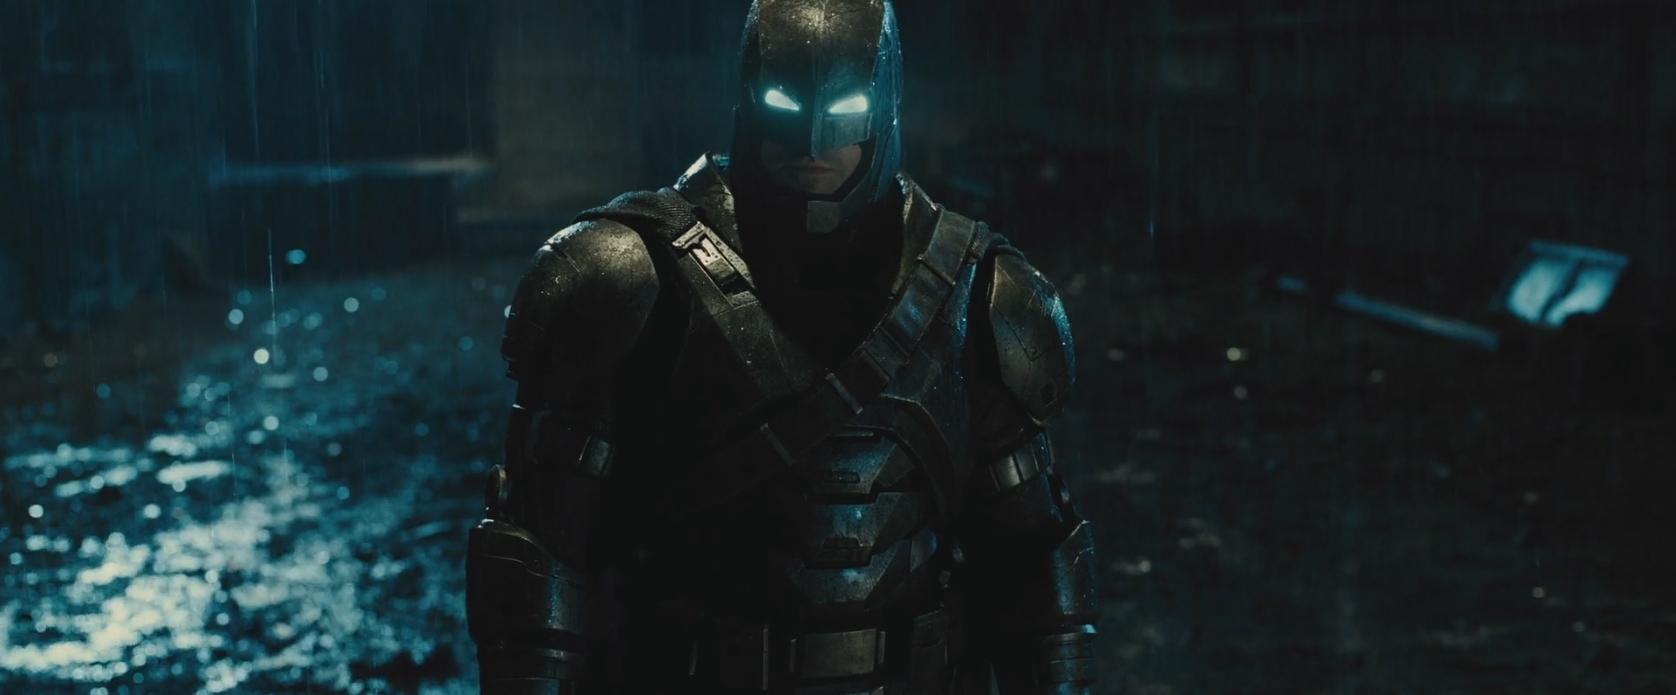 Copy of BATMAN v SUPERMAN